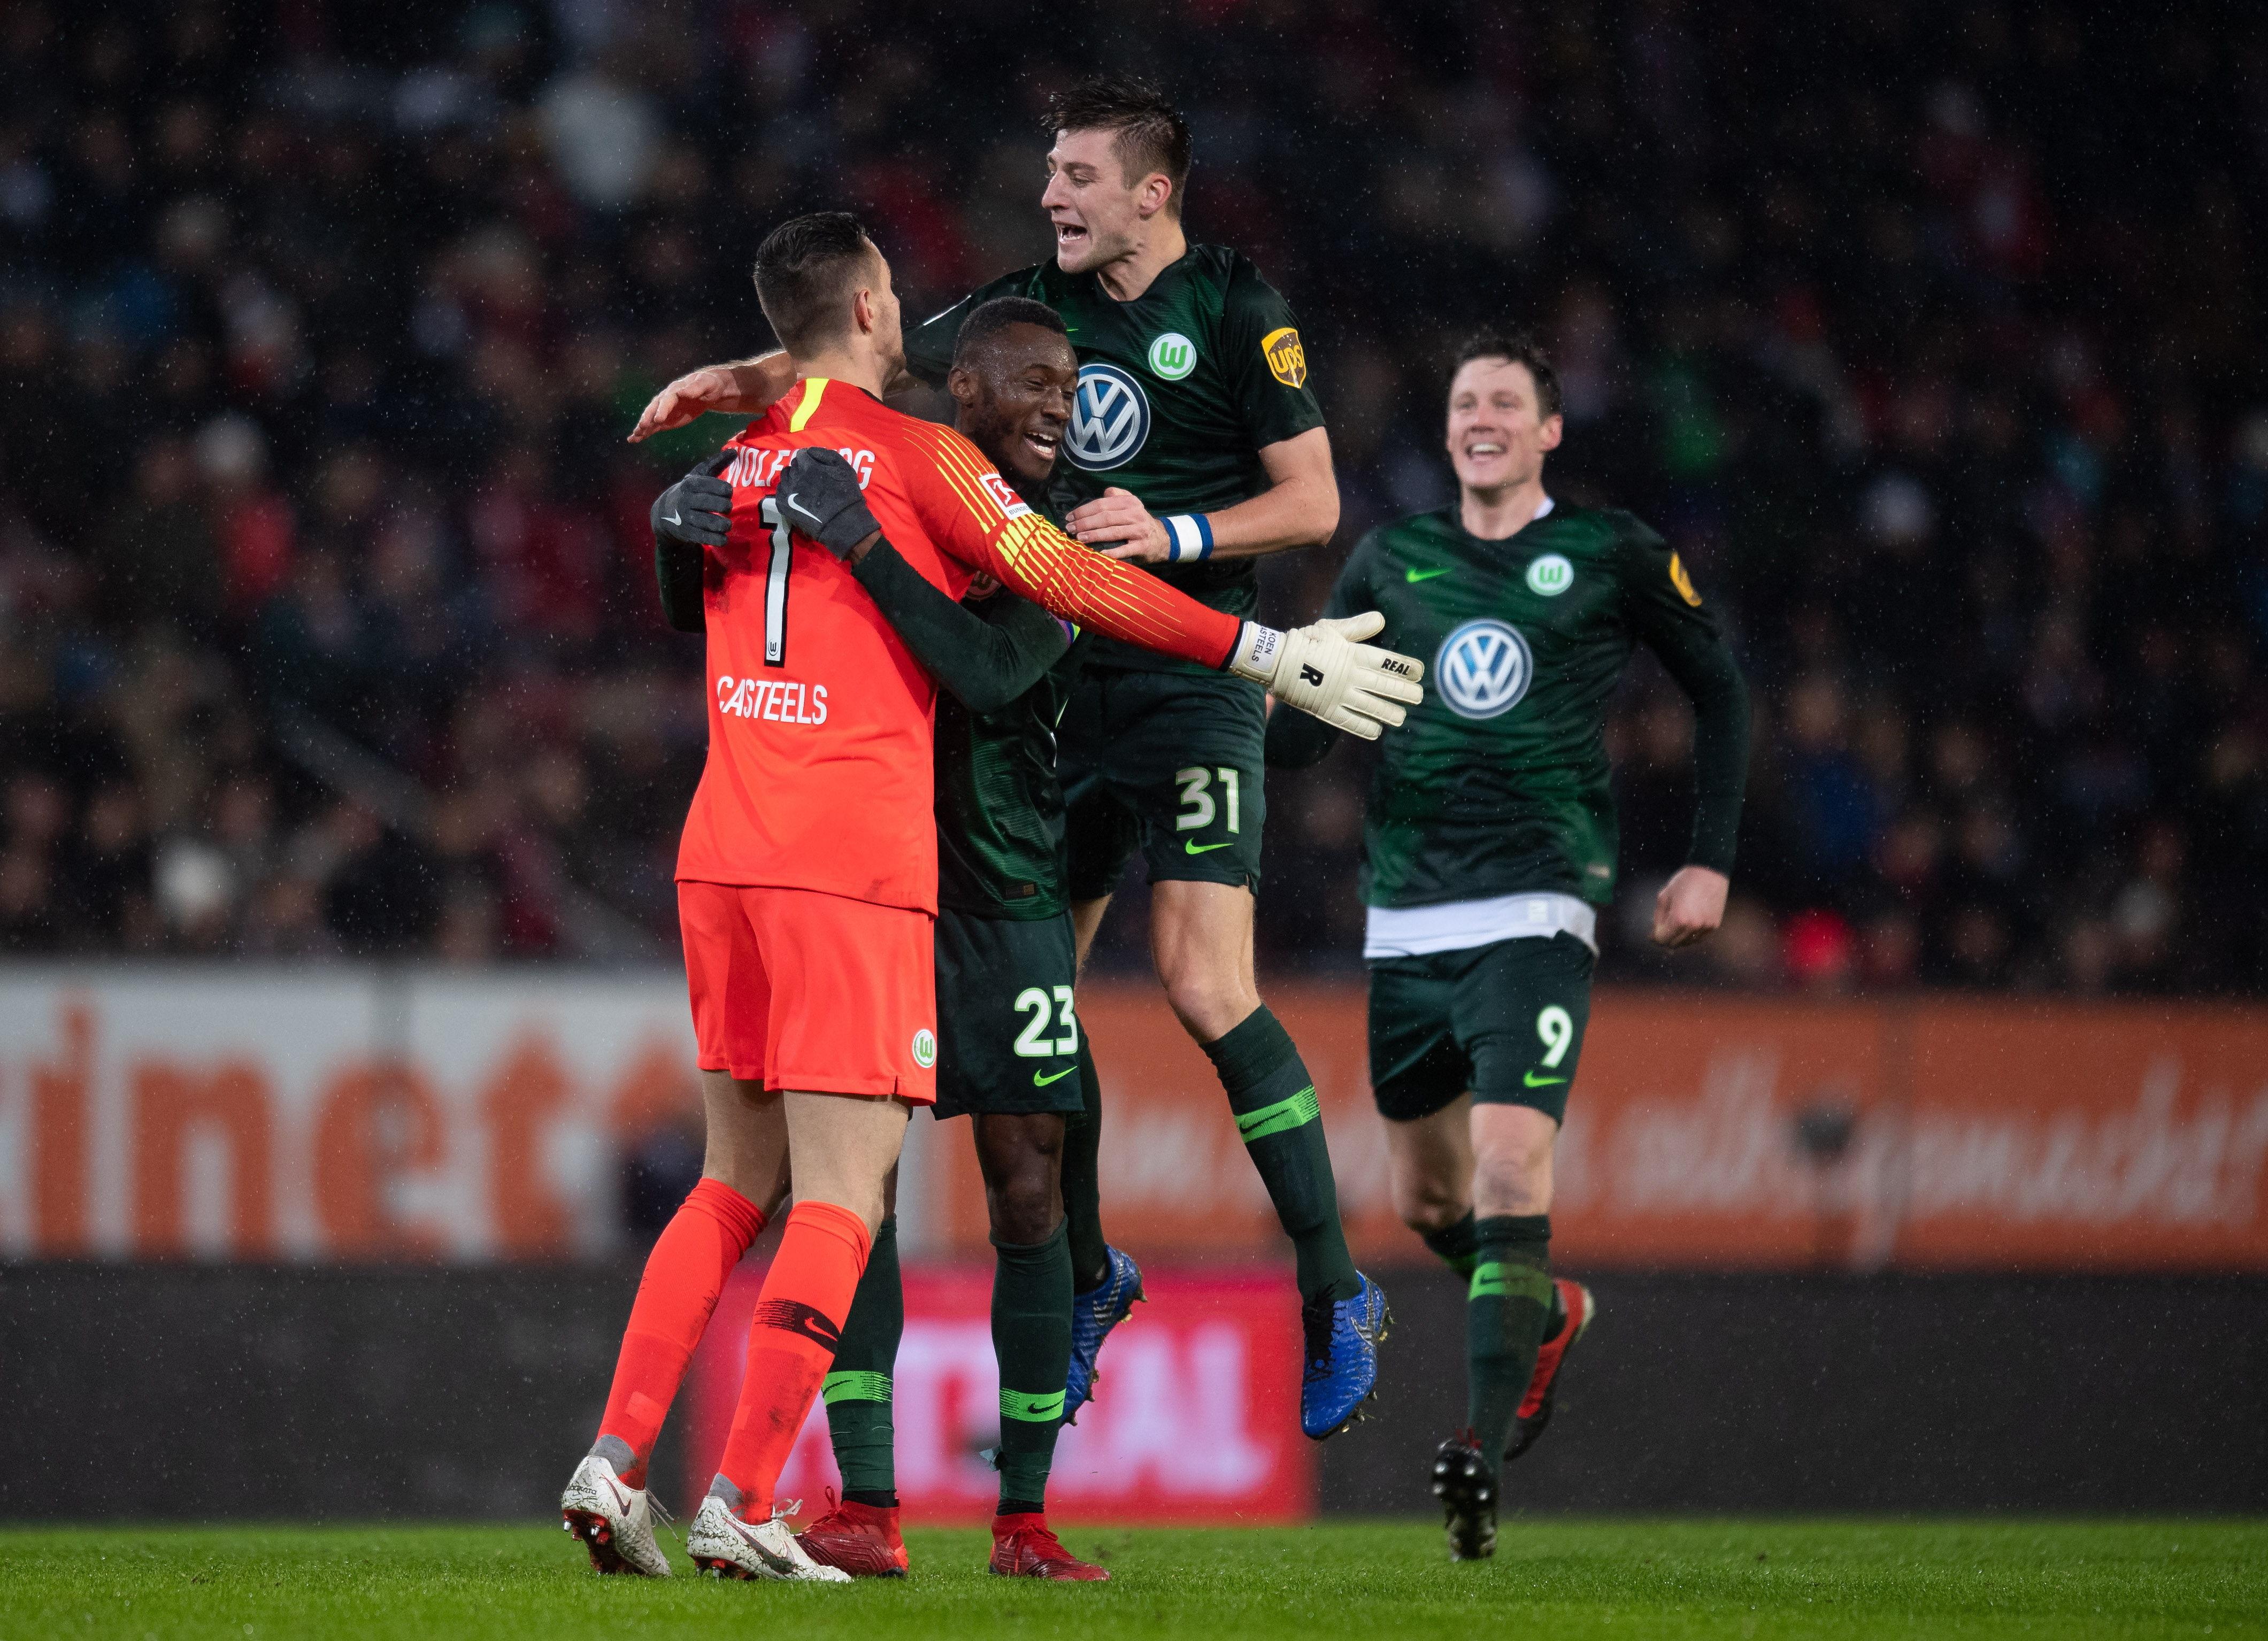 En fotos: Wolfsburgo logró un triunfo agónico en casa del Augsburgo